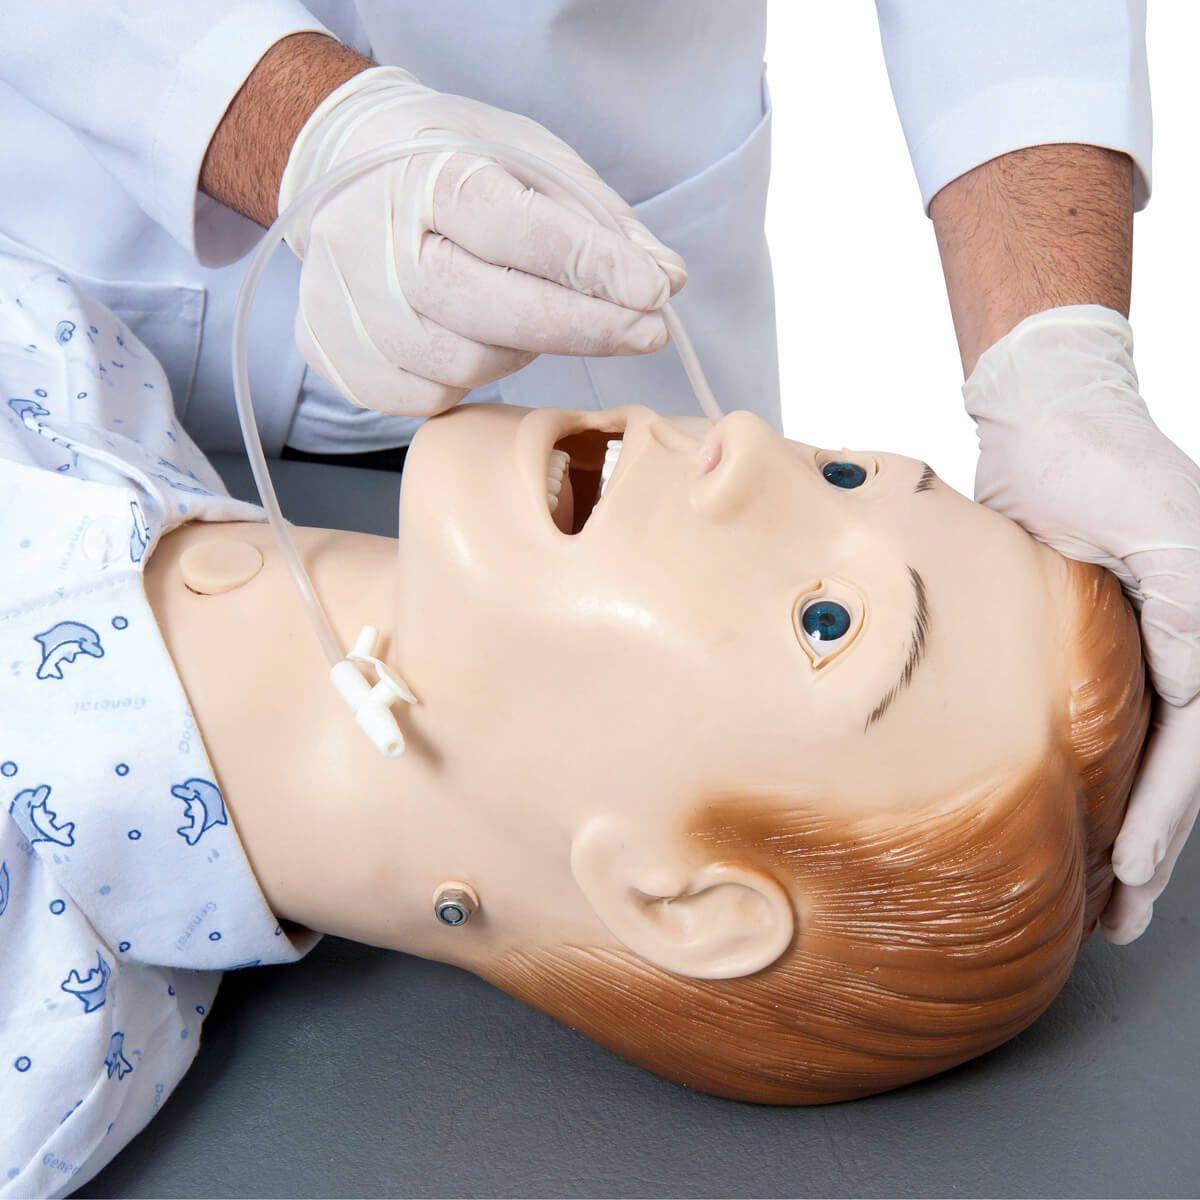 Manequim Biss. c/ Orgãos Internos Simulador p/ Treino Enfermagem Avançado